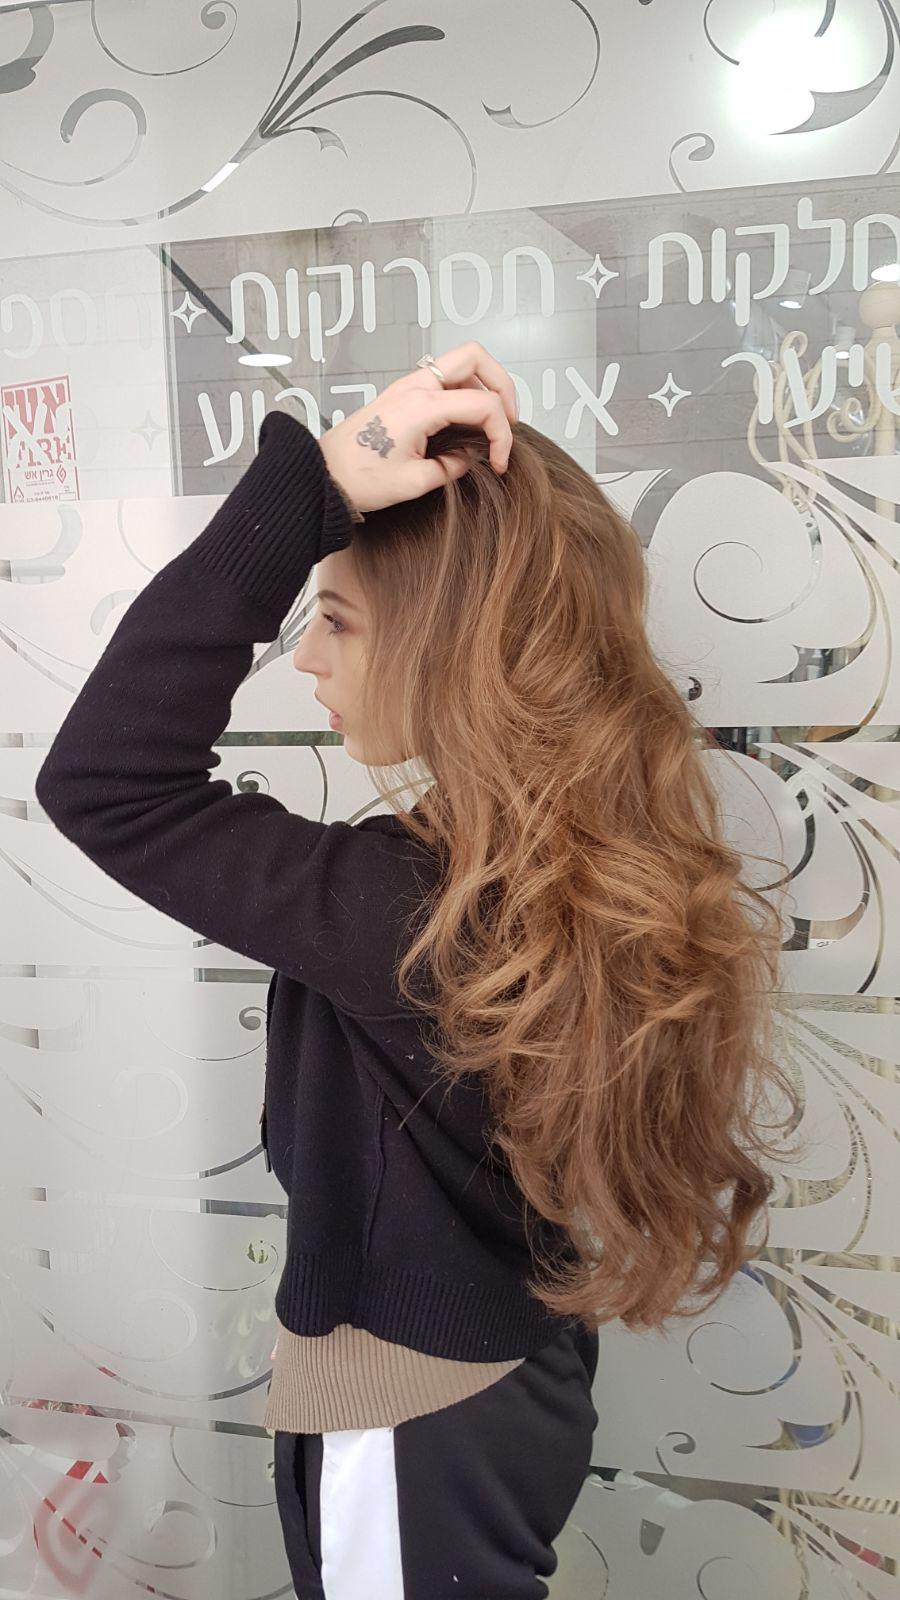 צבעי שיער טבעיים נטלי לוסק